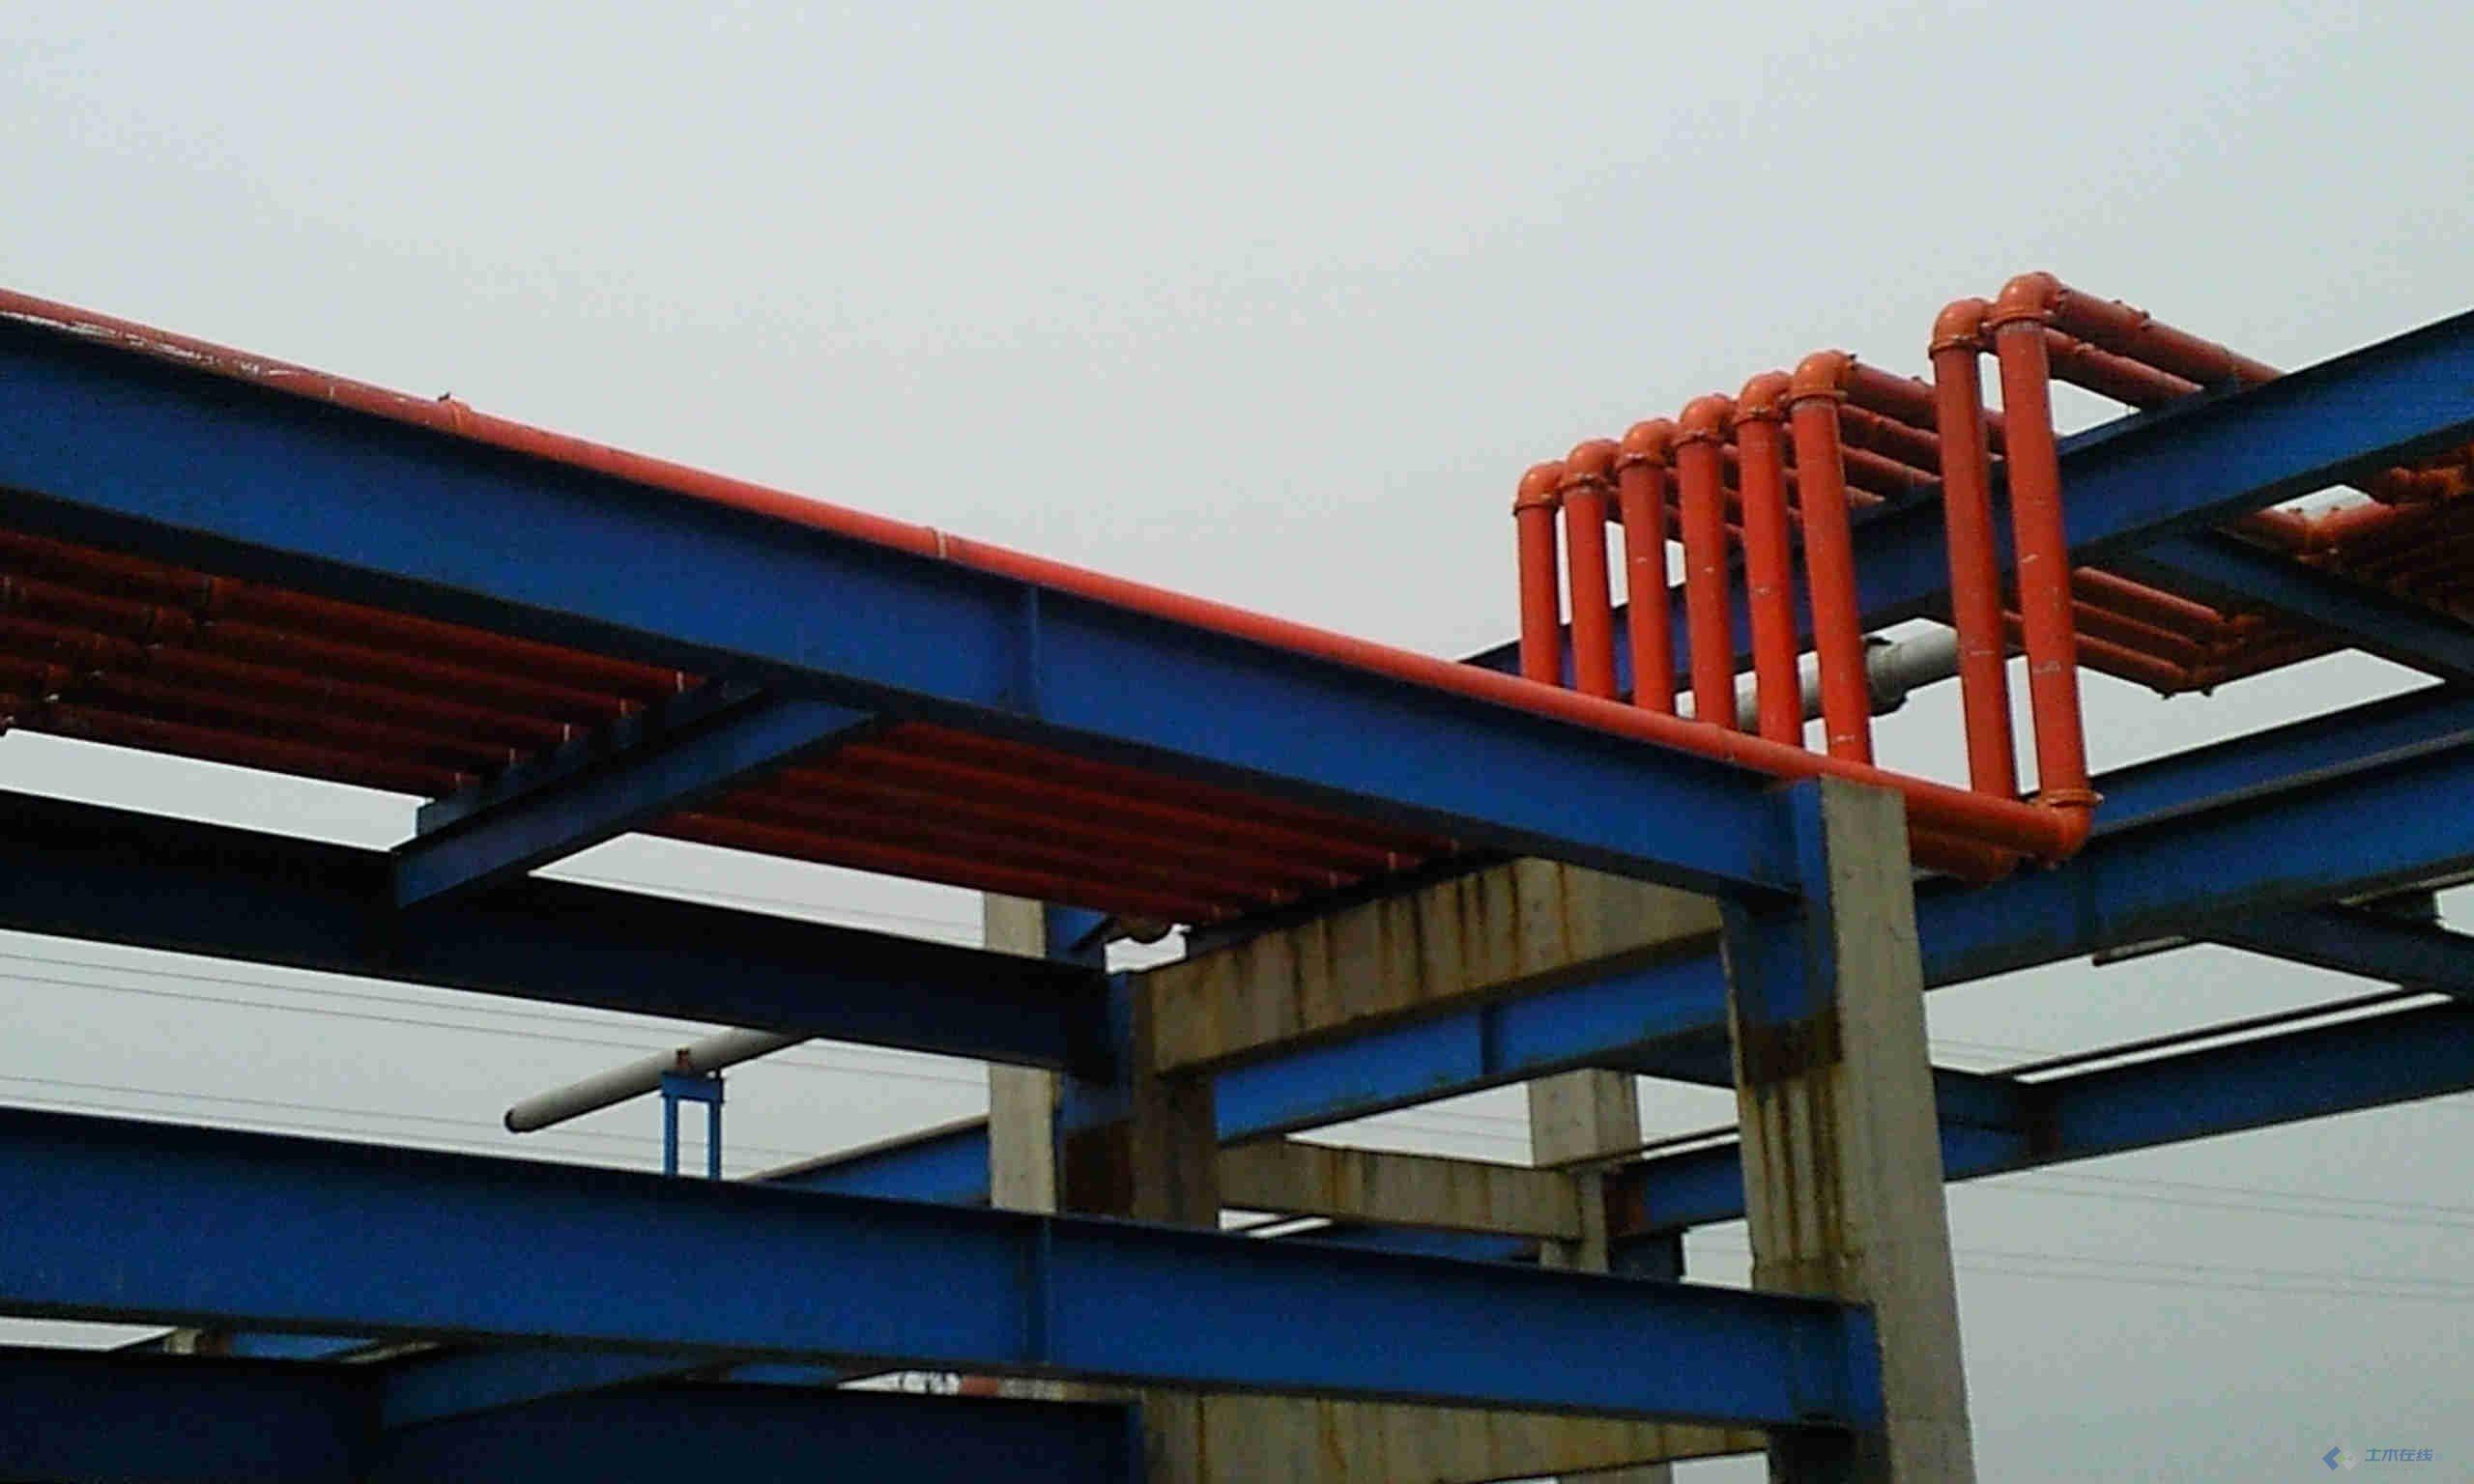 管道图 室外消火栓图 外管架雨淋消防管道图高手来评价一下高清图片